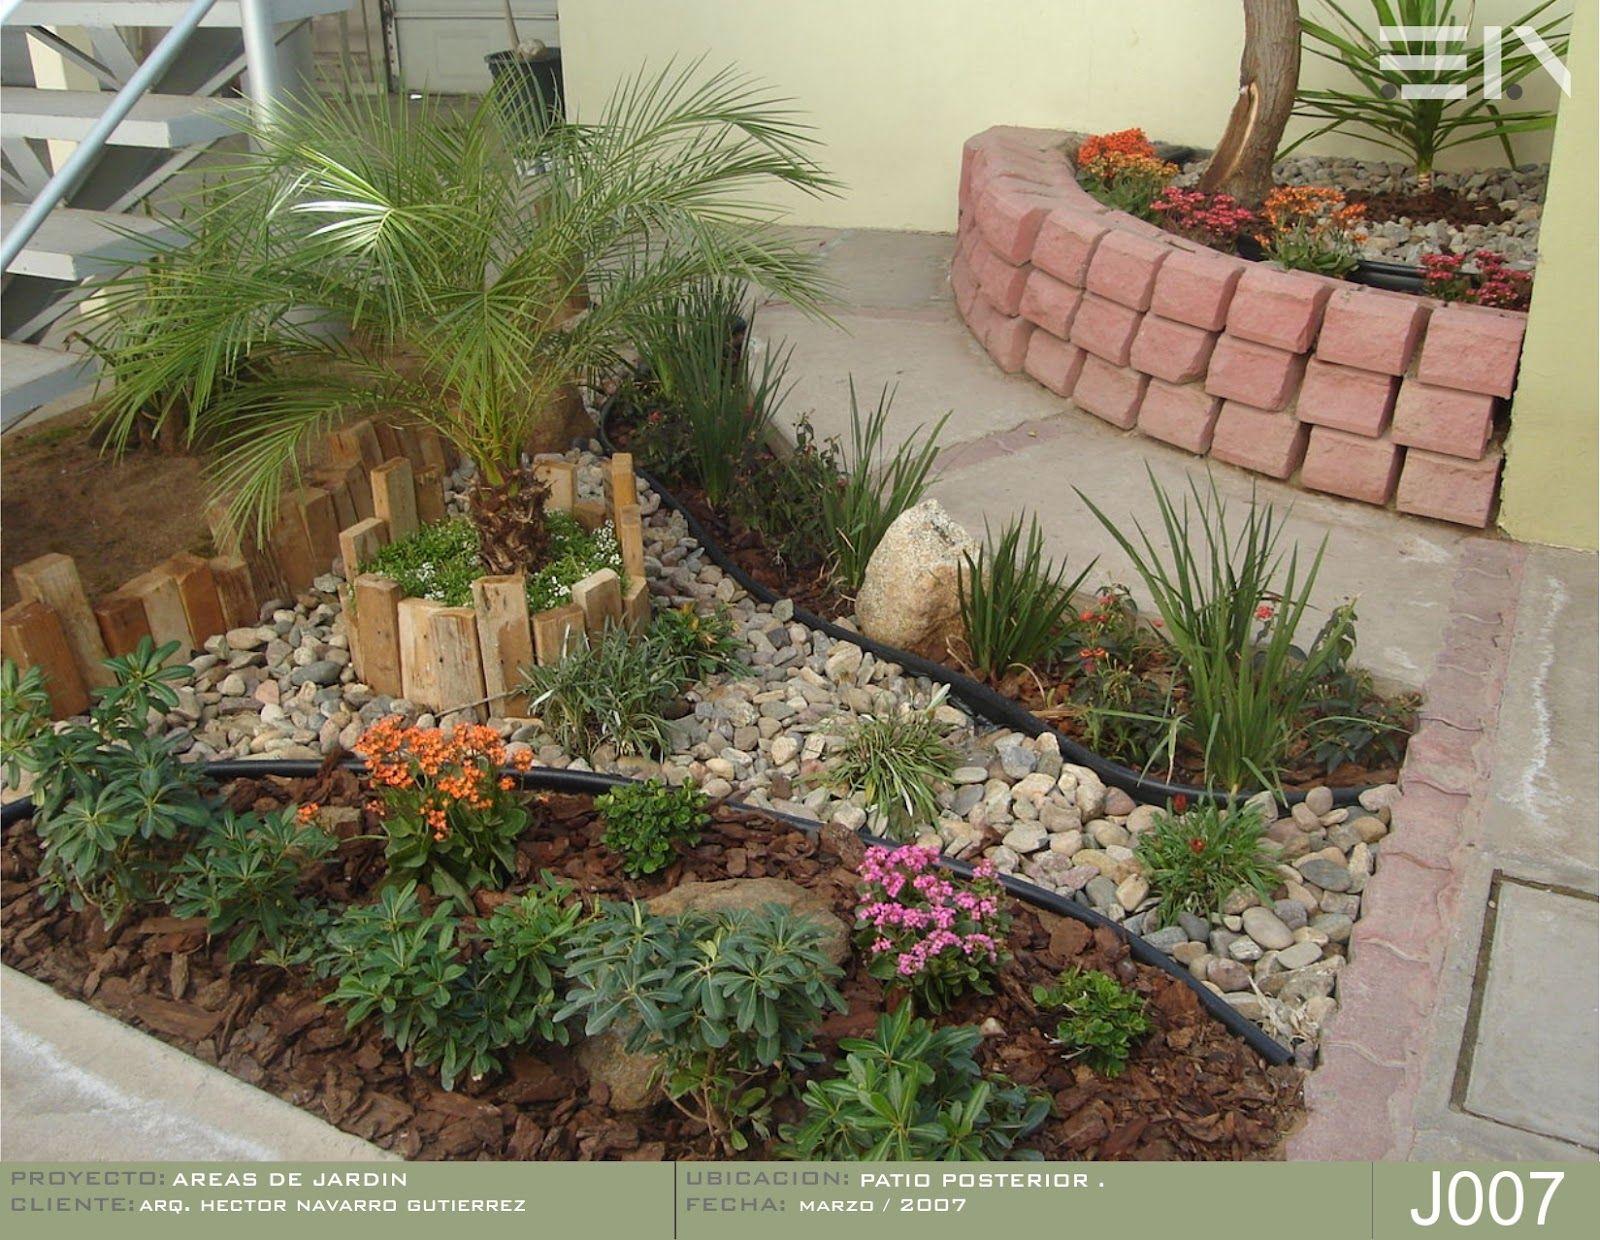 62fe2eeb5d3a144286b48143fffb07b7 Unique De Faire Un Jardin Concept